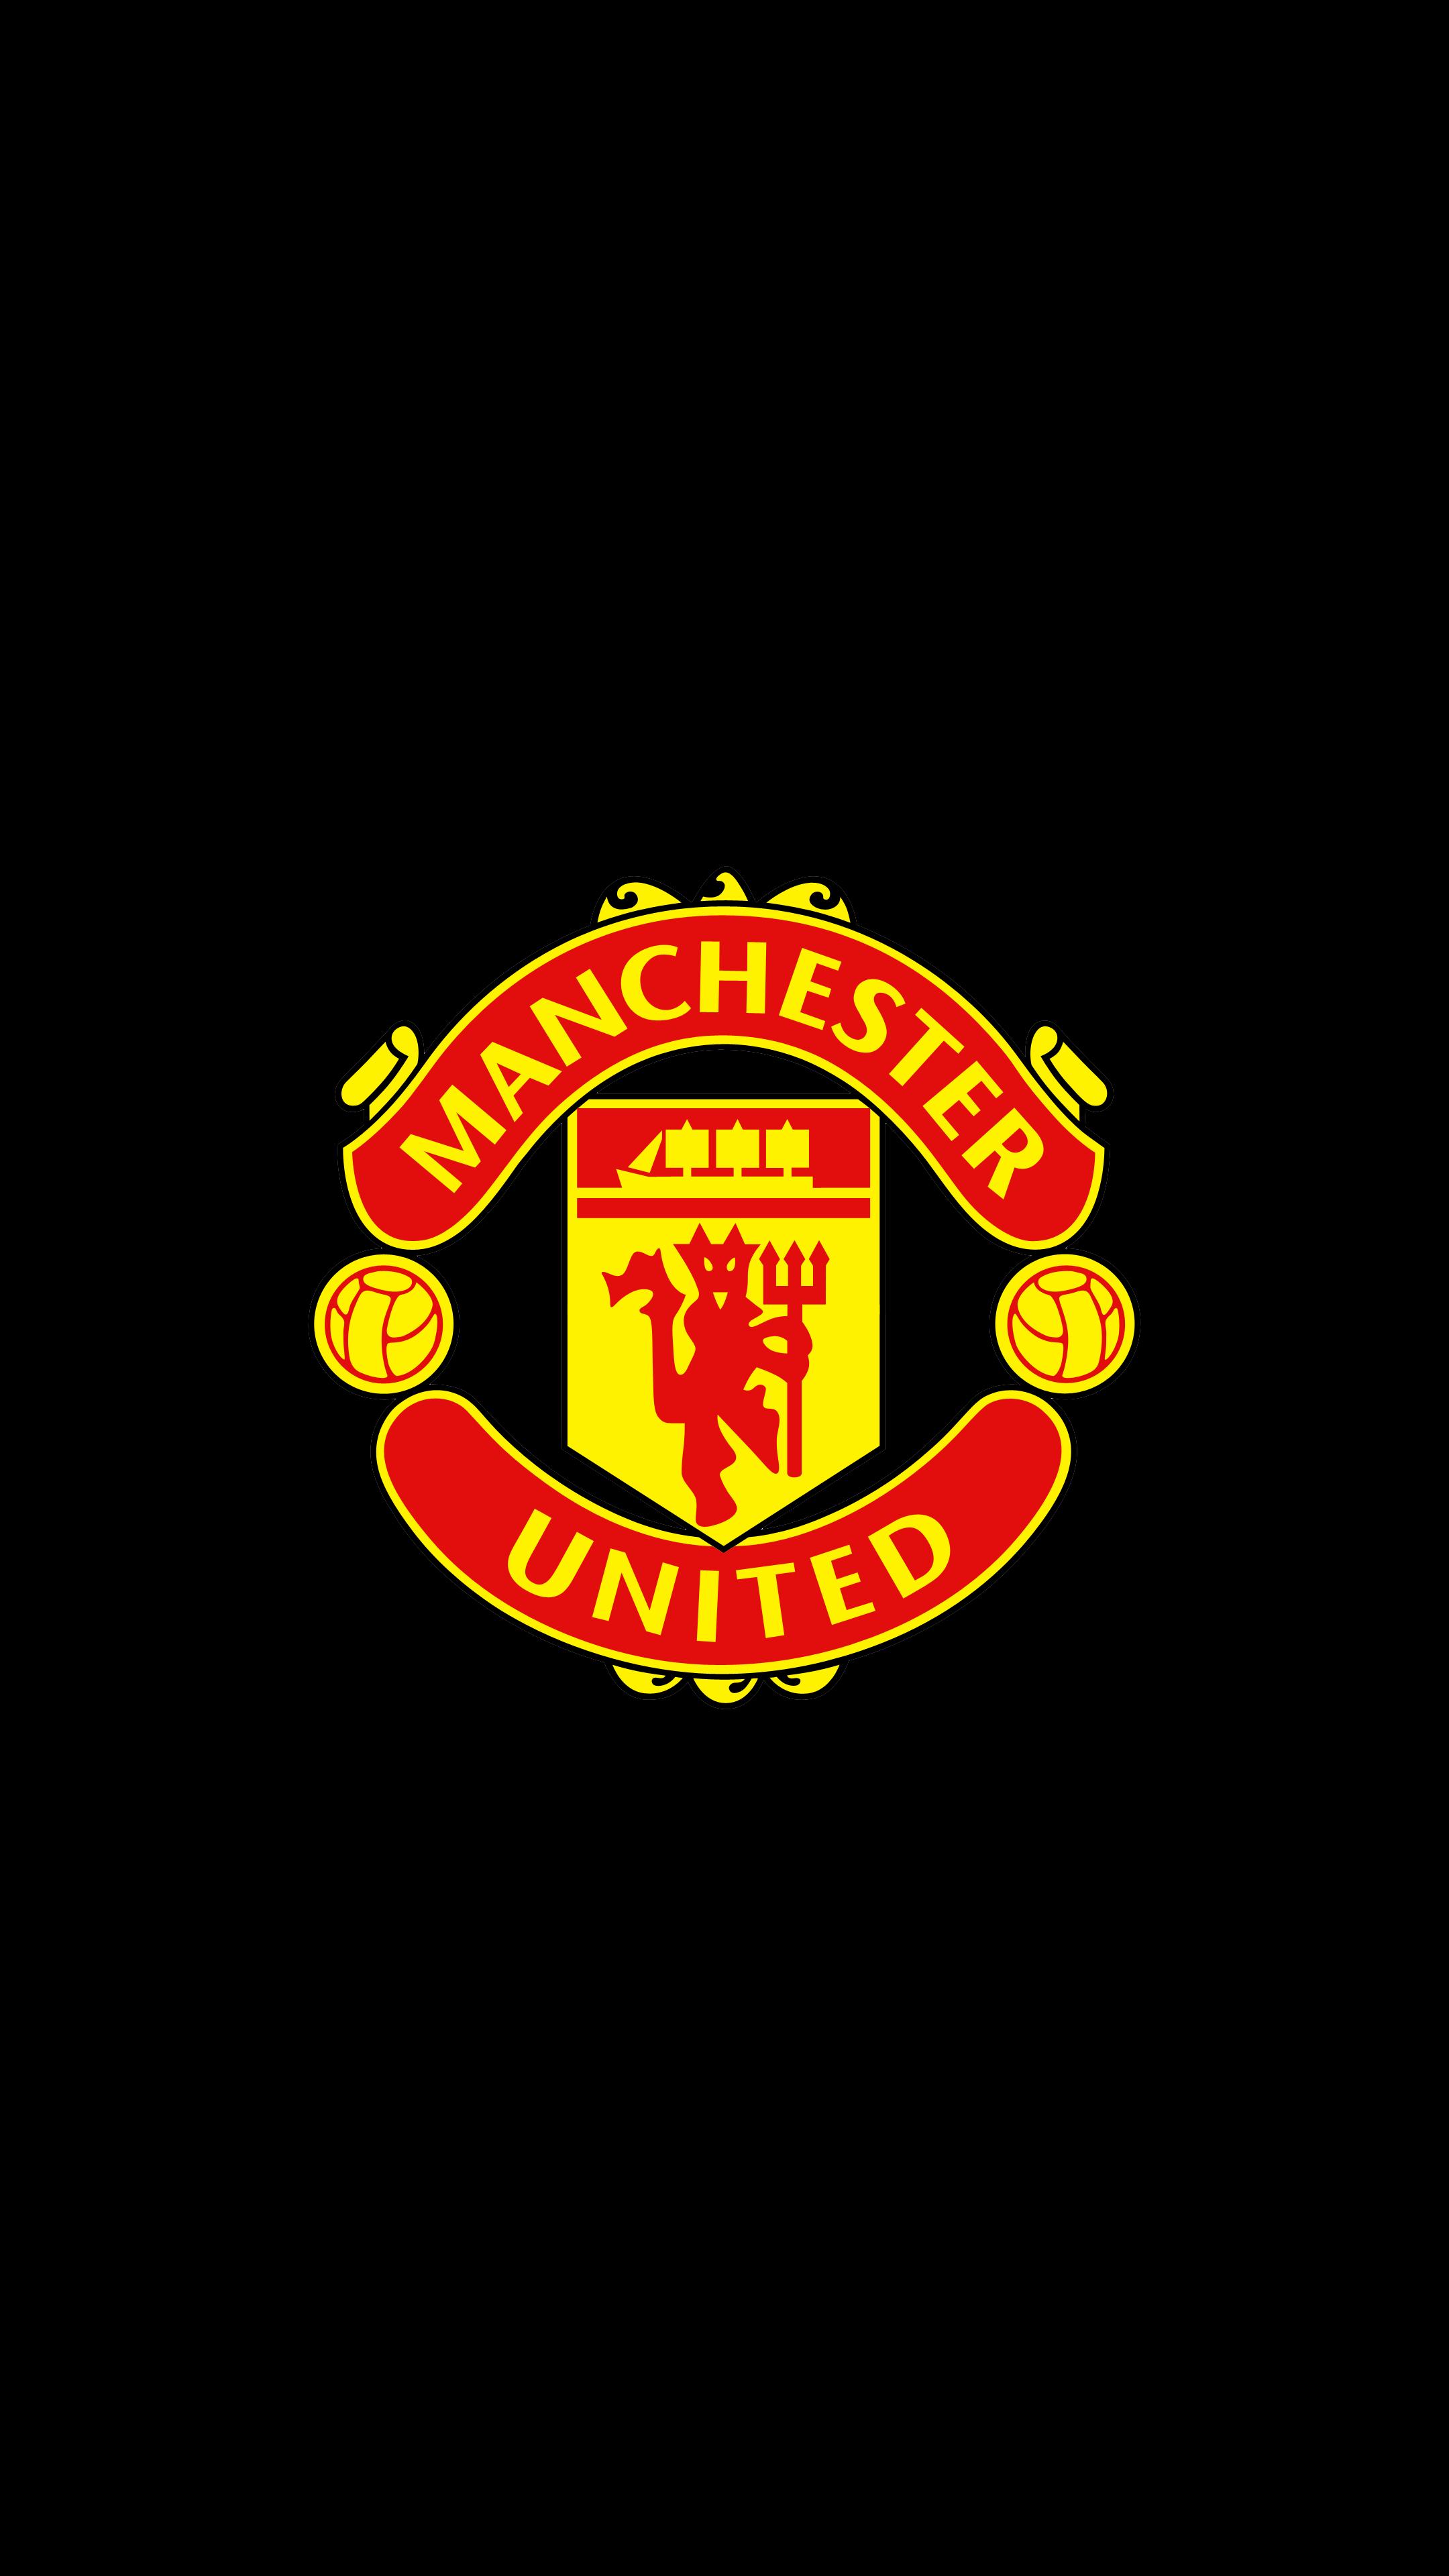 Pin Oleh Stephen Damery Di Manchester Sepak Bola Olahraga Liga Inggris